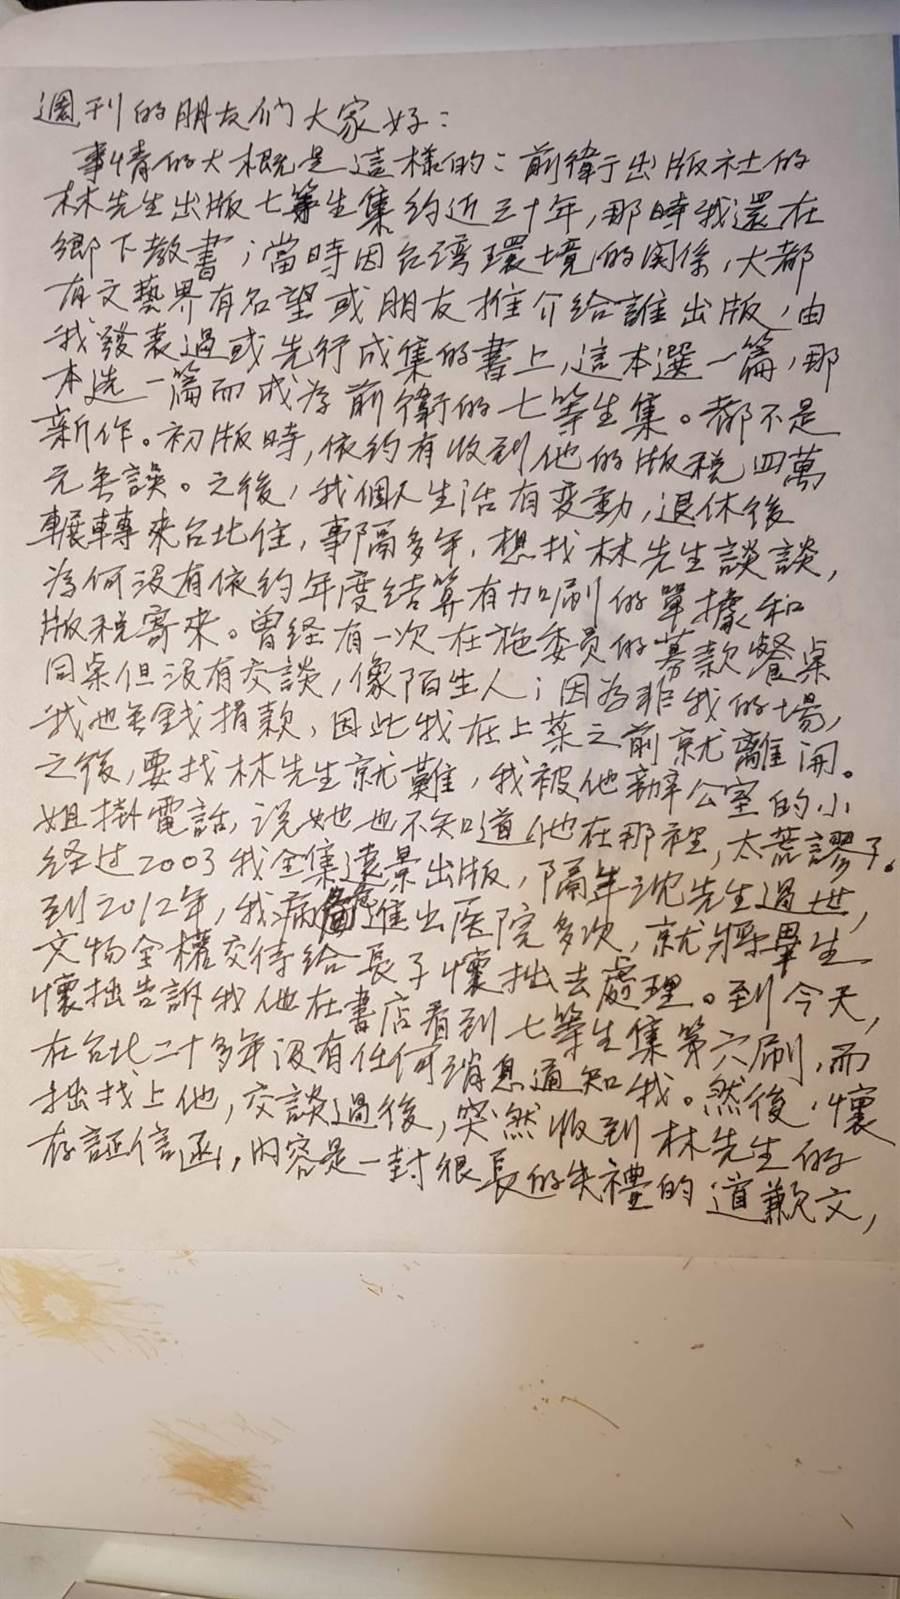 七等生透過親筆信說明與前衛出版社的爭議始末。(劉懷拙提供)